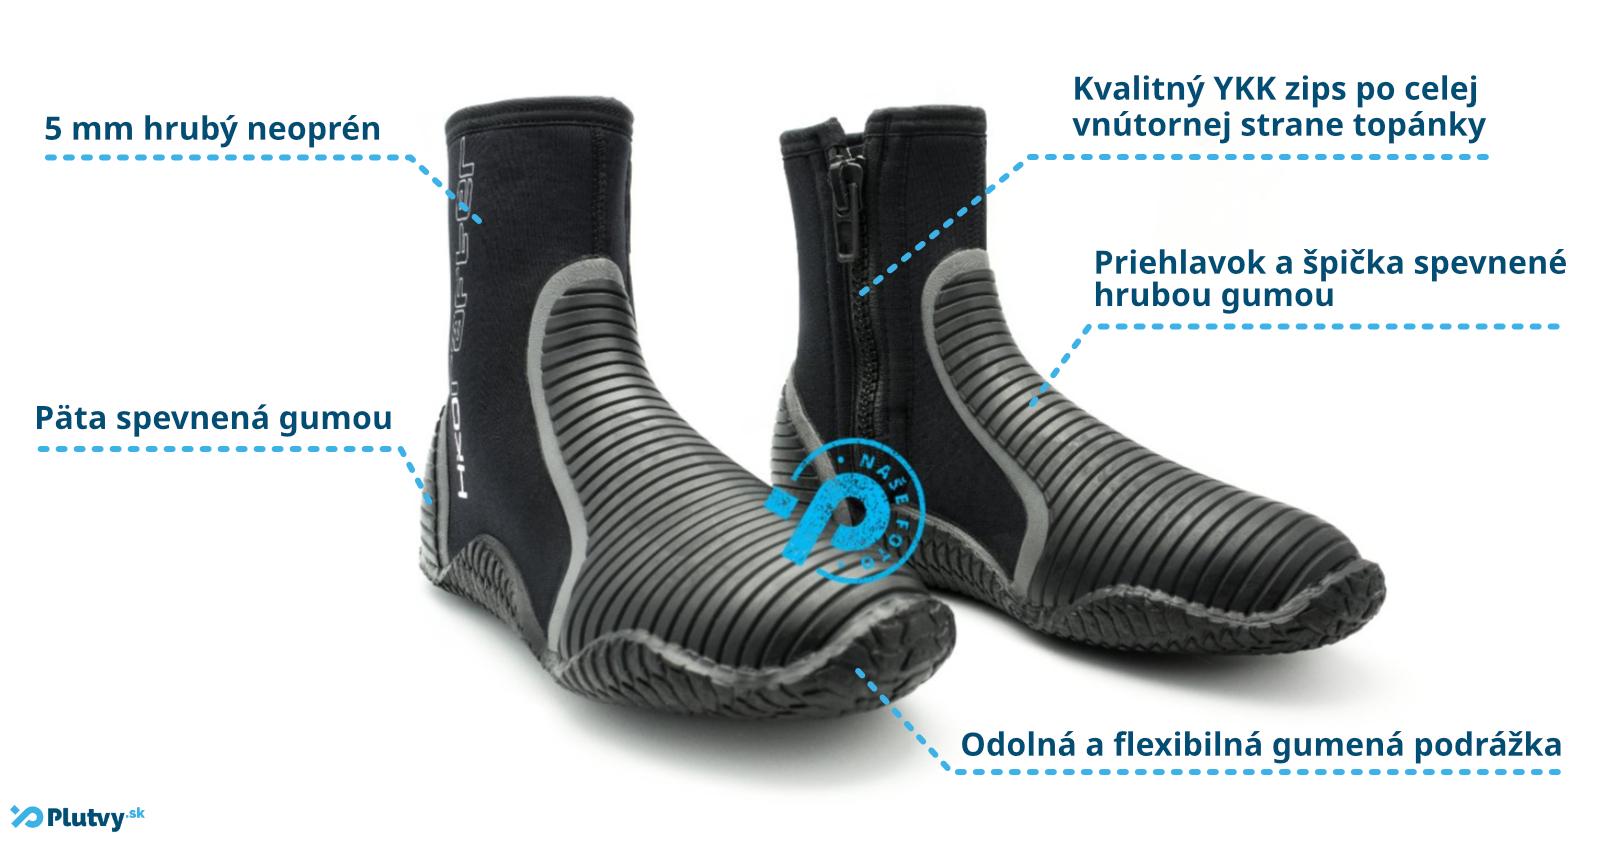 Vysoké pevné neoprénové topánky do studenej vody, Hiko Rafter 5mm v obchode Plutvy.sk